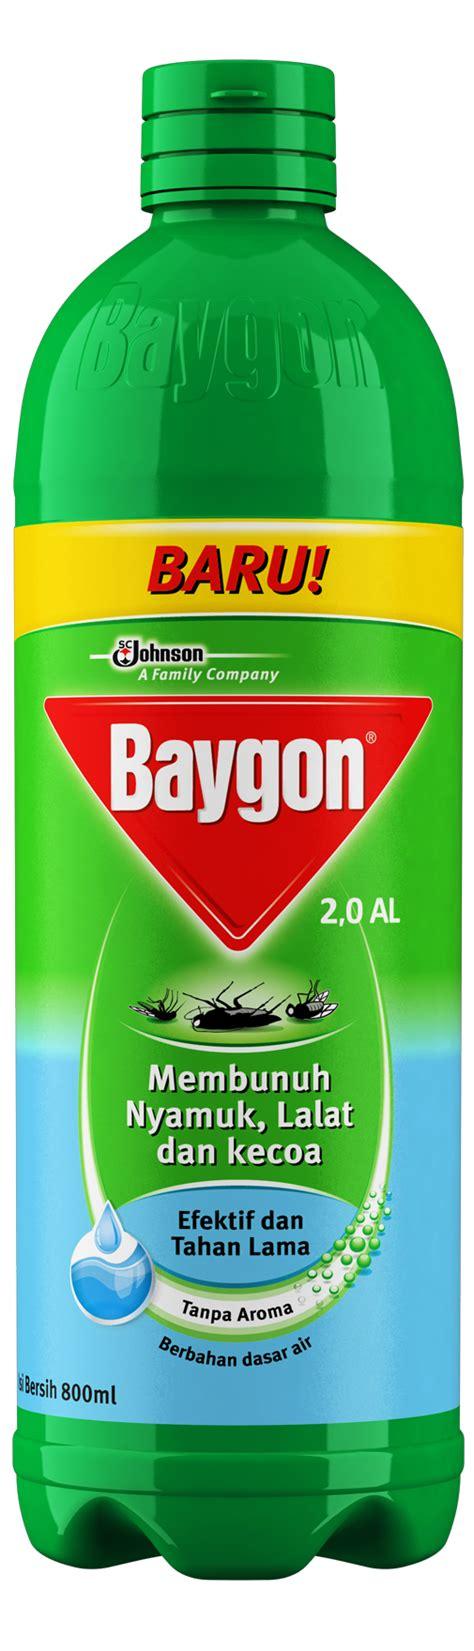 baygon citrus baygon cair